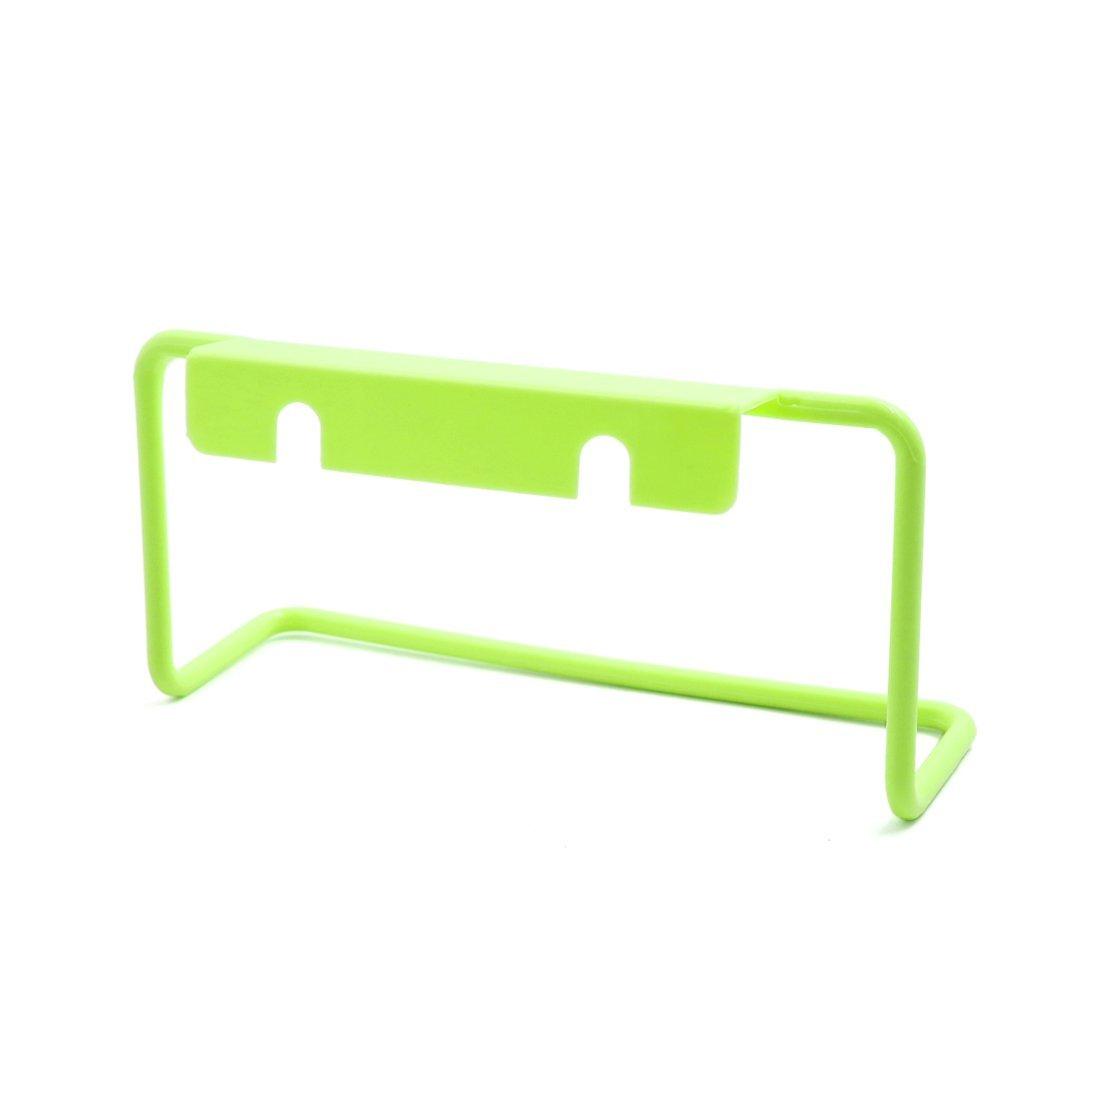 eDealMax verde plástico de baño del gabinete de cocina mantelería sostenedor del estante de la toalla que cuelga - - Amazon.com